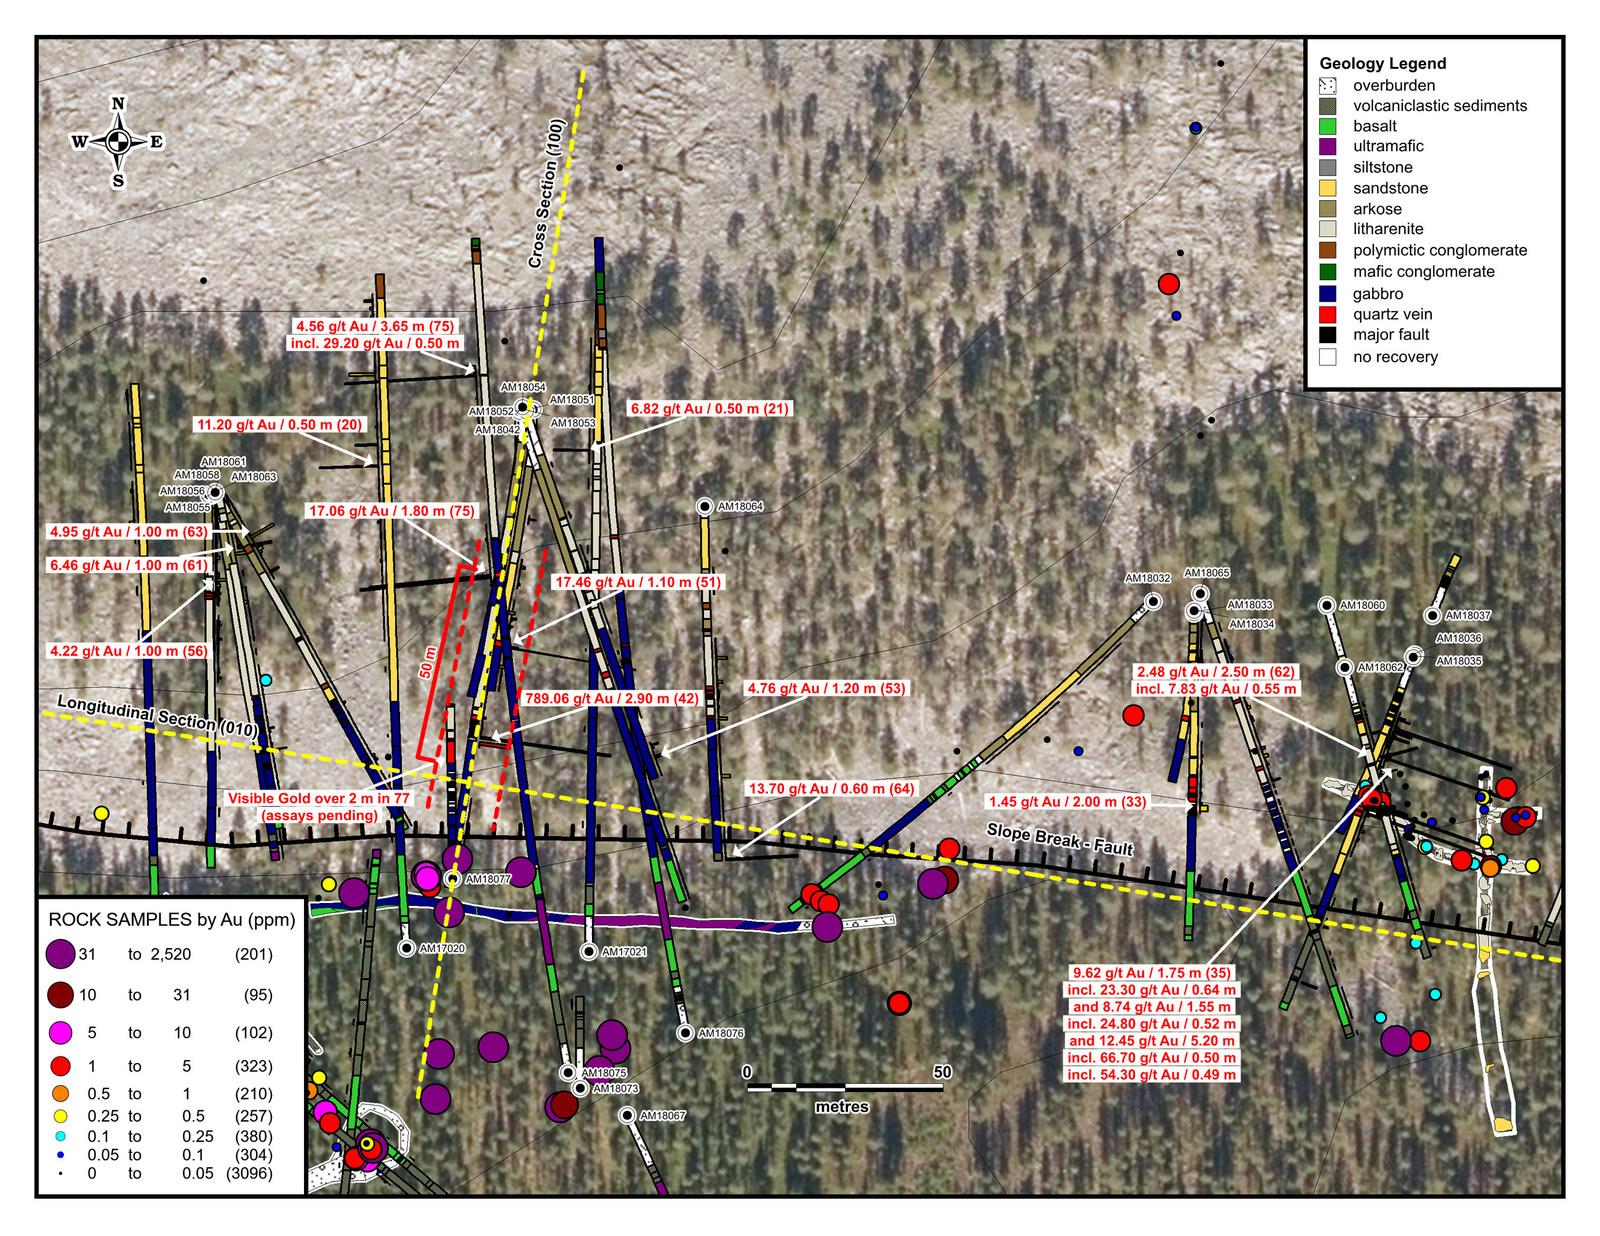 Aamurusko Detailed Inset Map